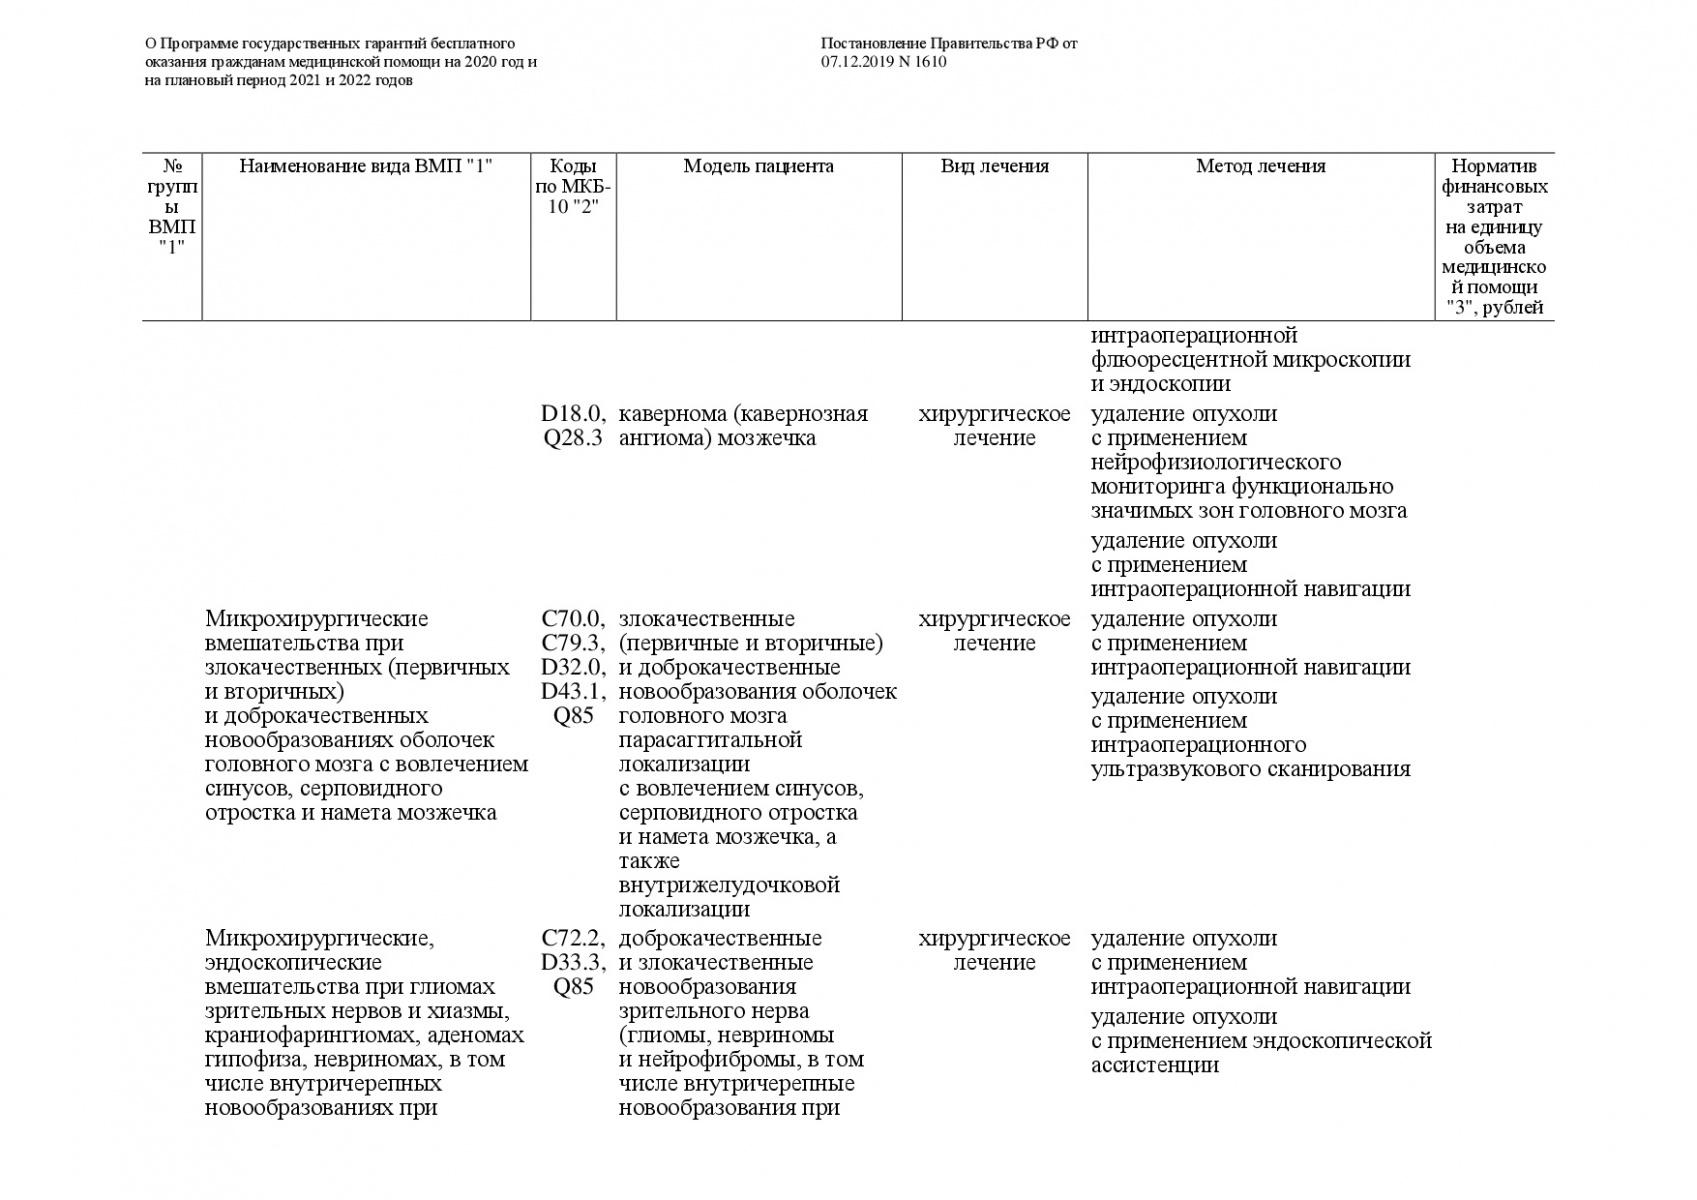 Postanovlenie-Pravitelstva-RF-ot-07_12_2019-1610-O-PGG-050